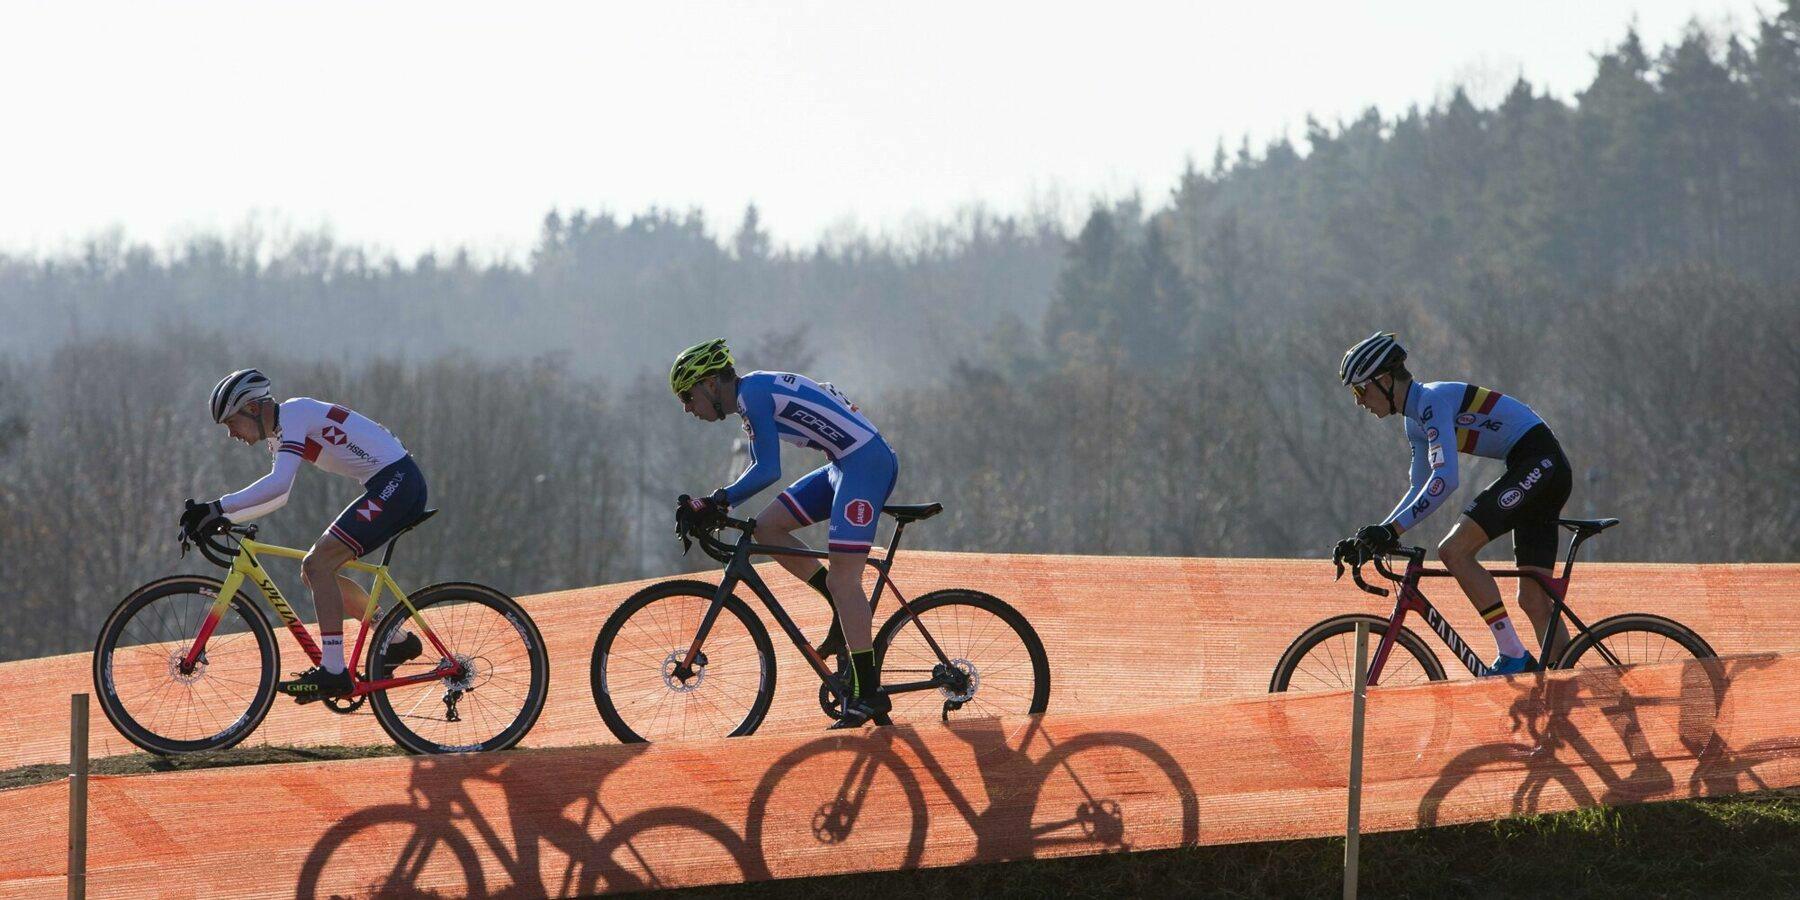 Calendrier Cyclo 2022 La Coupe du Monde Cyclo Cross est le critère de régularité le plus